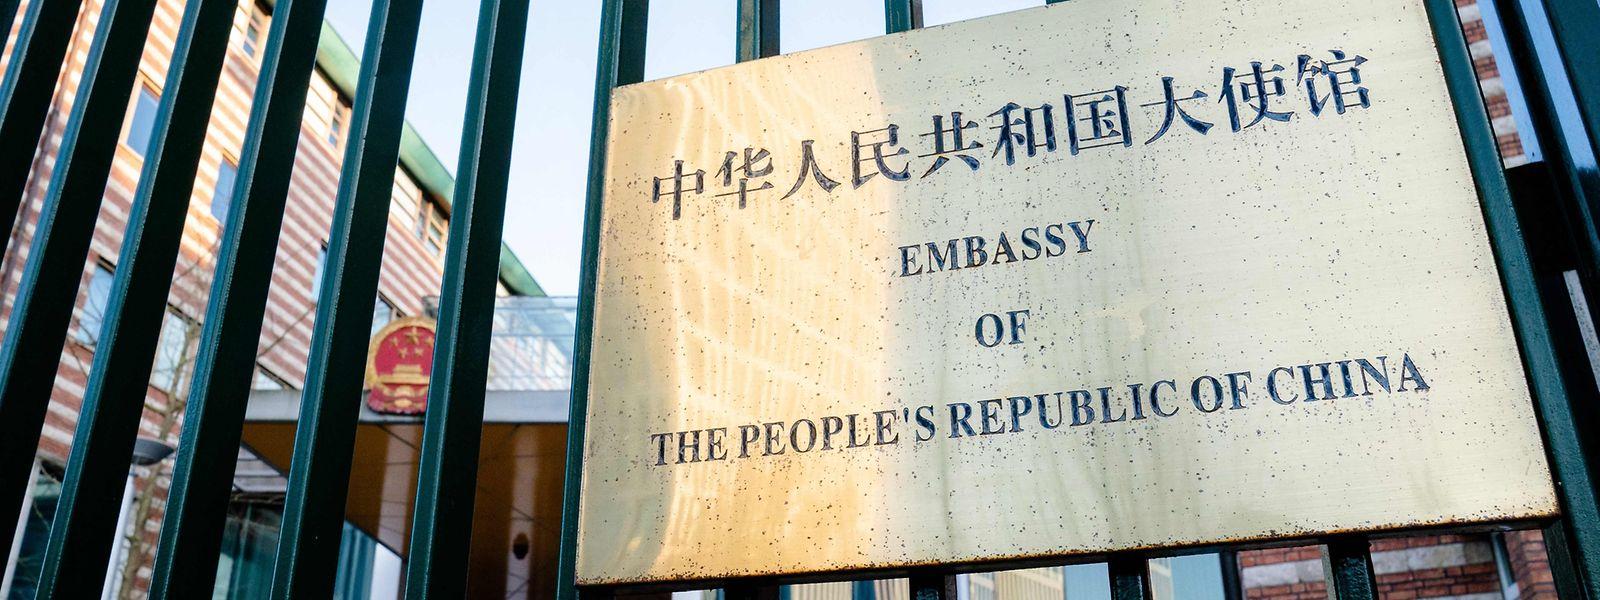 Als Reaktion auf die EU-Sanktionen kündigte Peking umgehend Gegenmaßnahmen an.